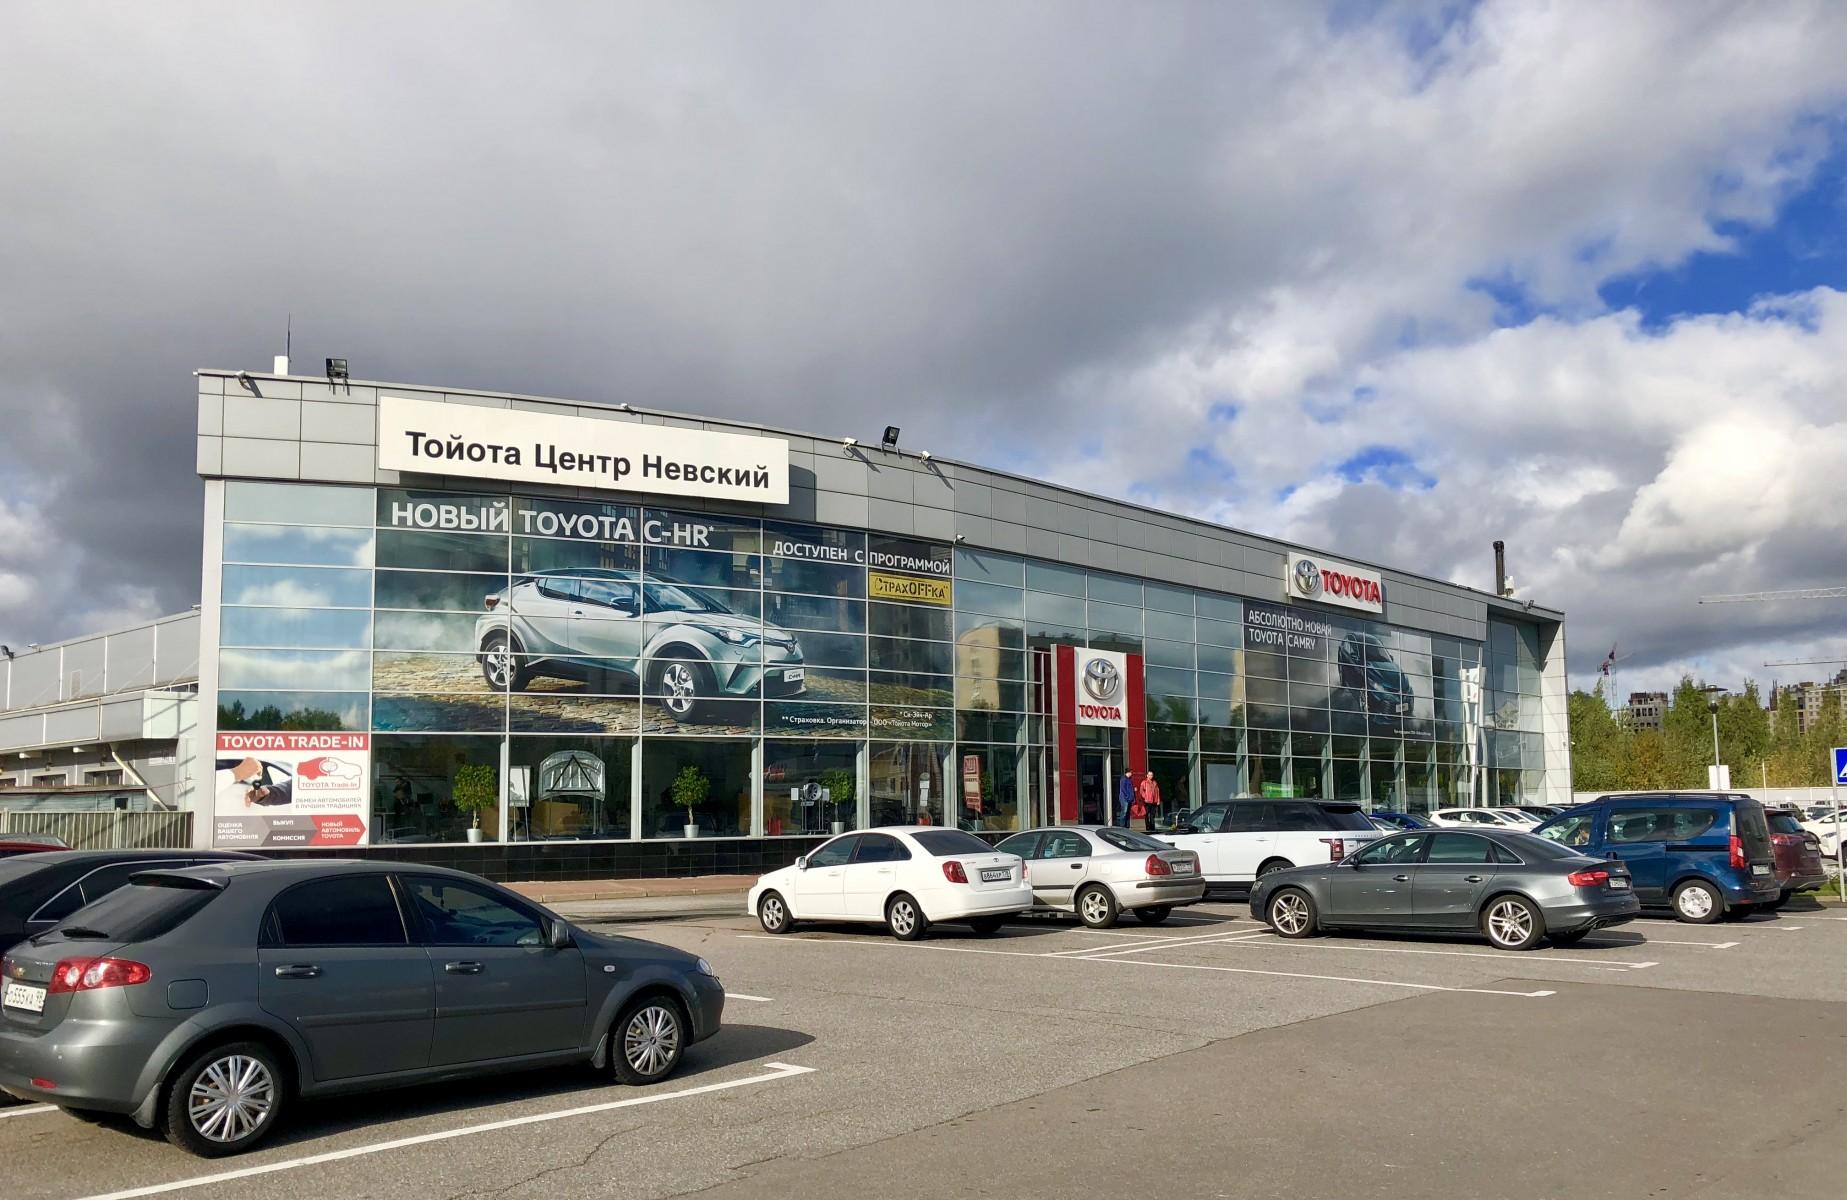 Тойота Центр Невский - официальный дилер Toyota в Санкт-Петербурге, купить автомобиль Тойота в СПб